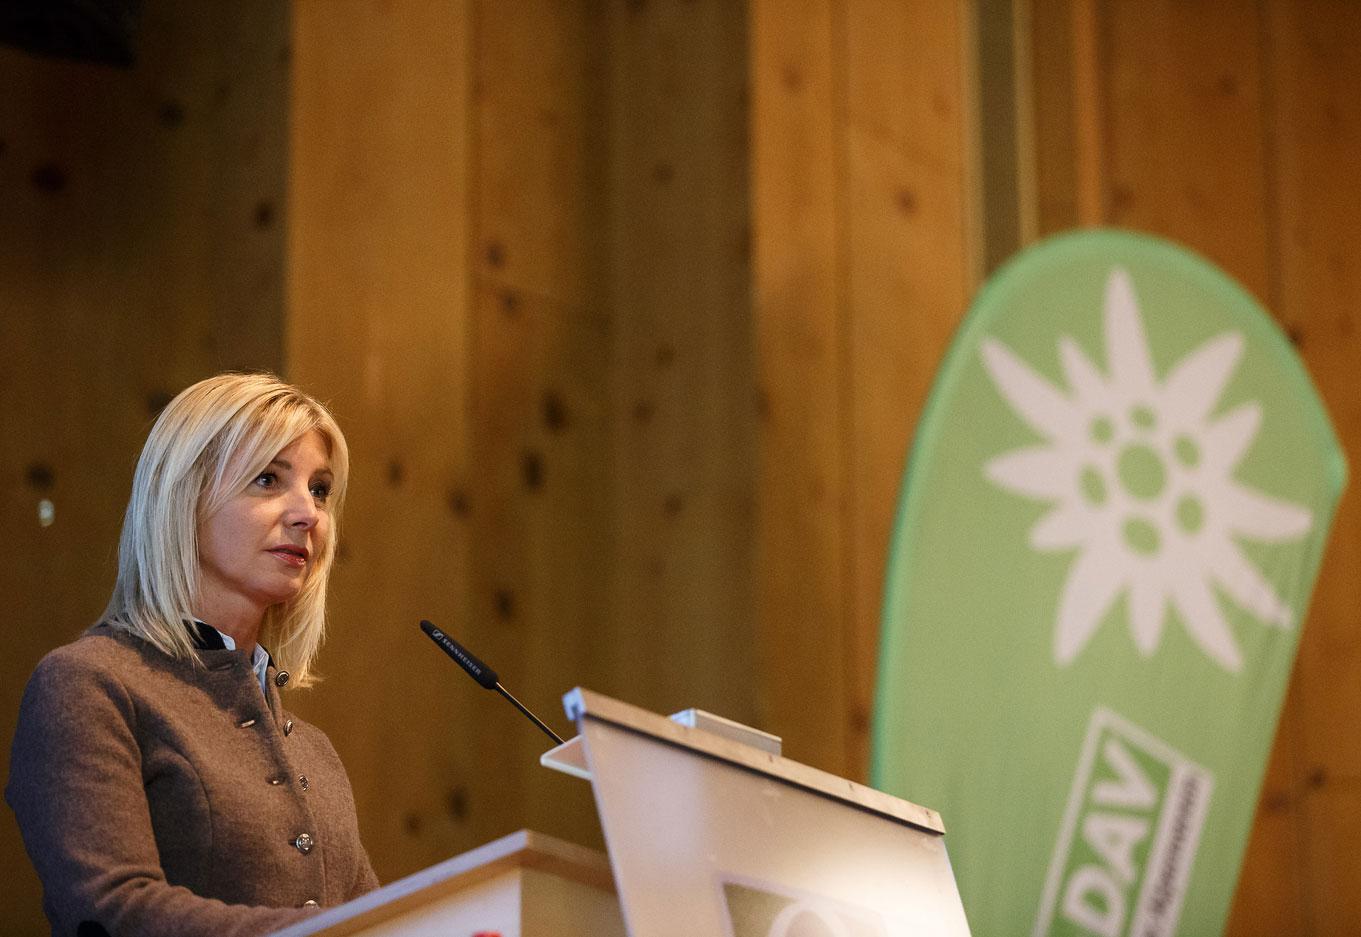 Umweltministerin Ulrike Scharf spricht ihr Grusswort. Foto: Marco Kost